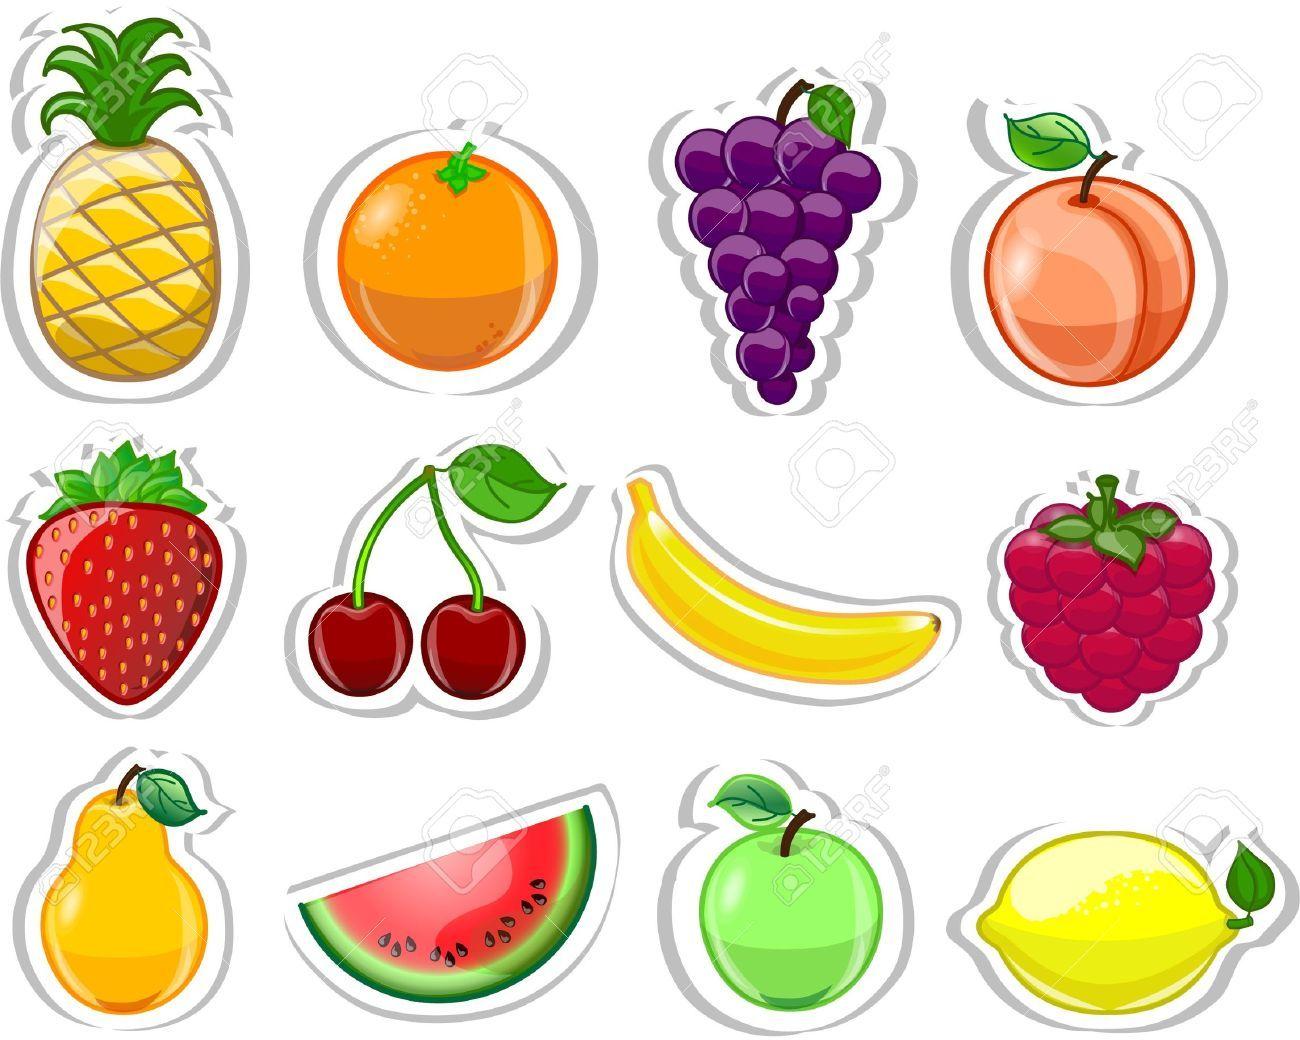 Frutos De Dibujos Animados Ilustraciones Vectoriales Clip Art Vectorizado Libre De Derechos Image 131 Fruta Para Ninos Alimentos Preescolar Formas Para Ninos